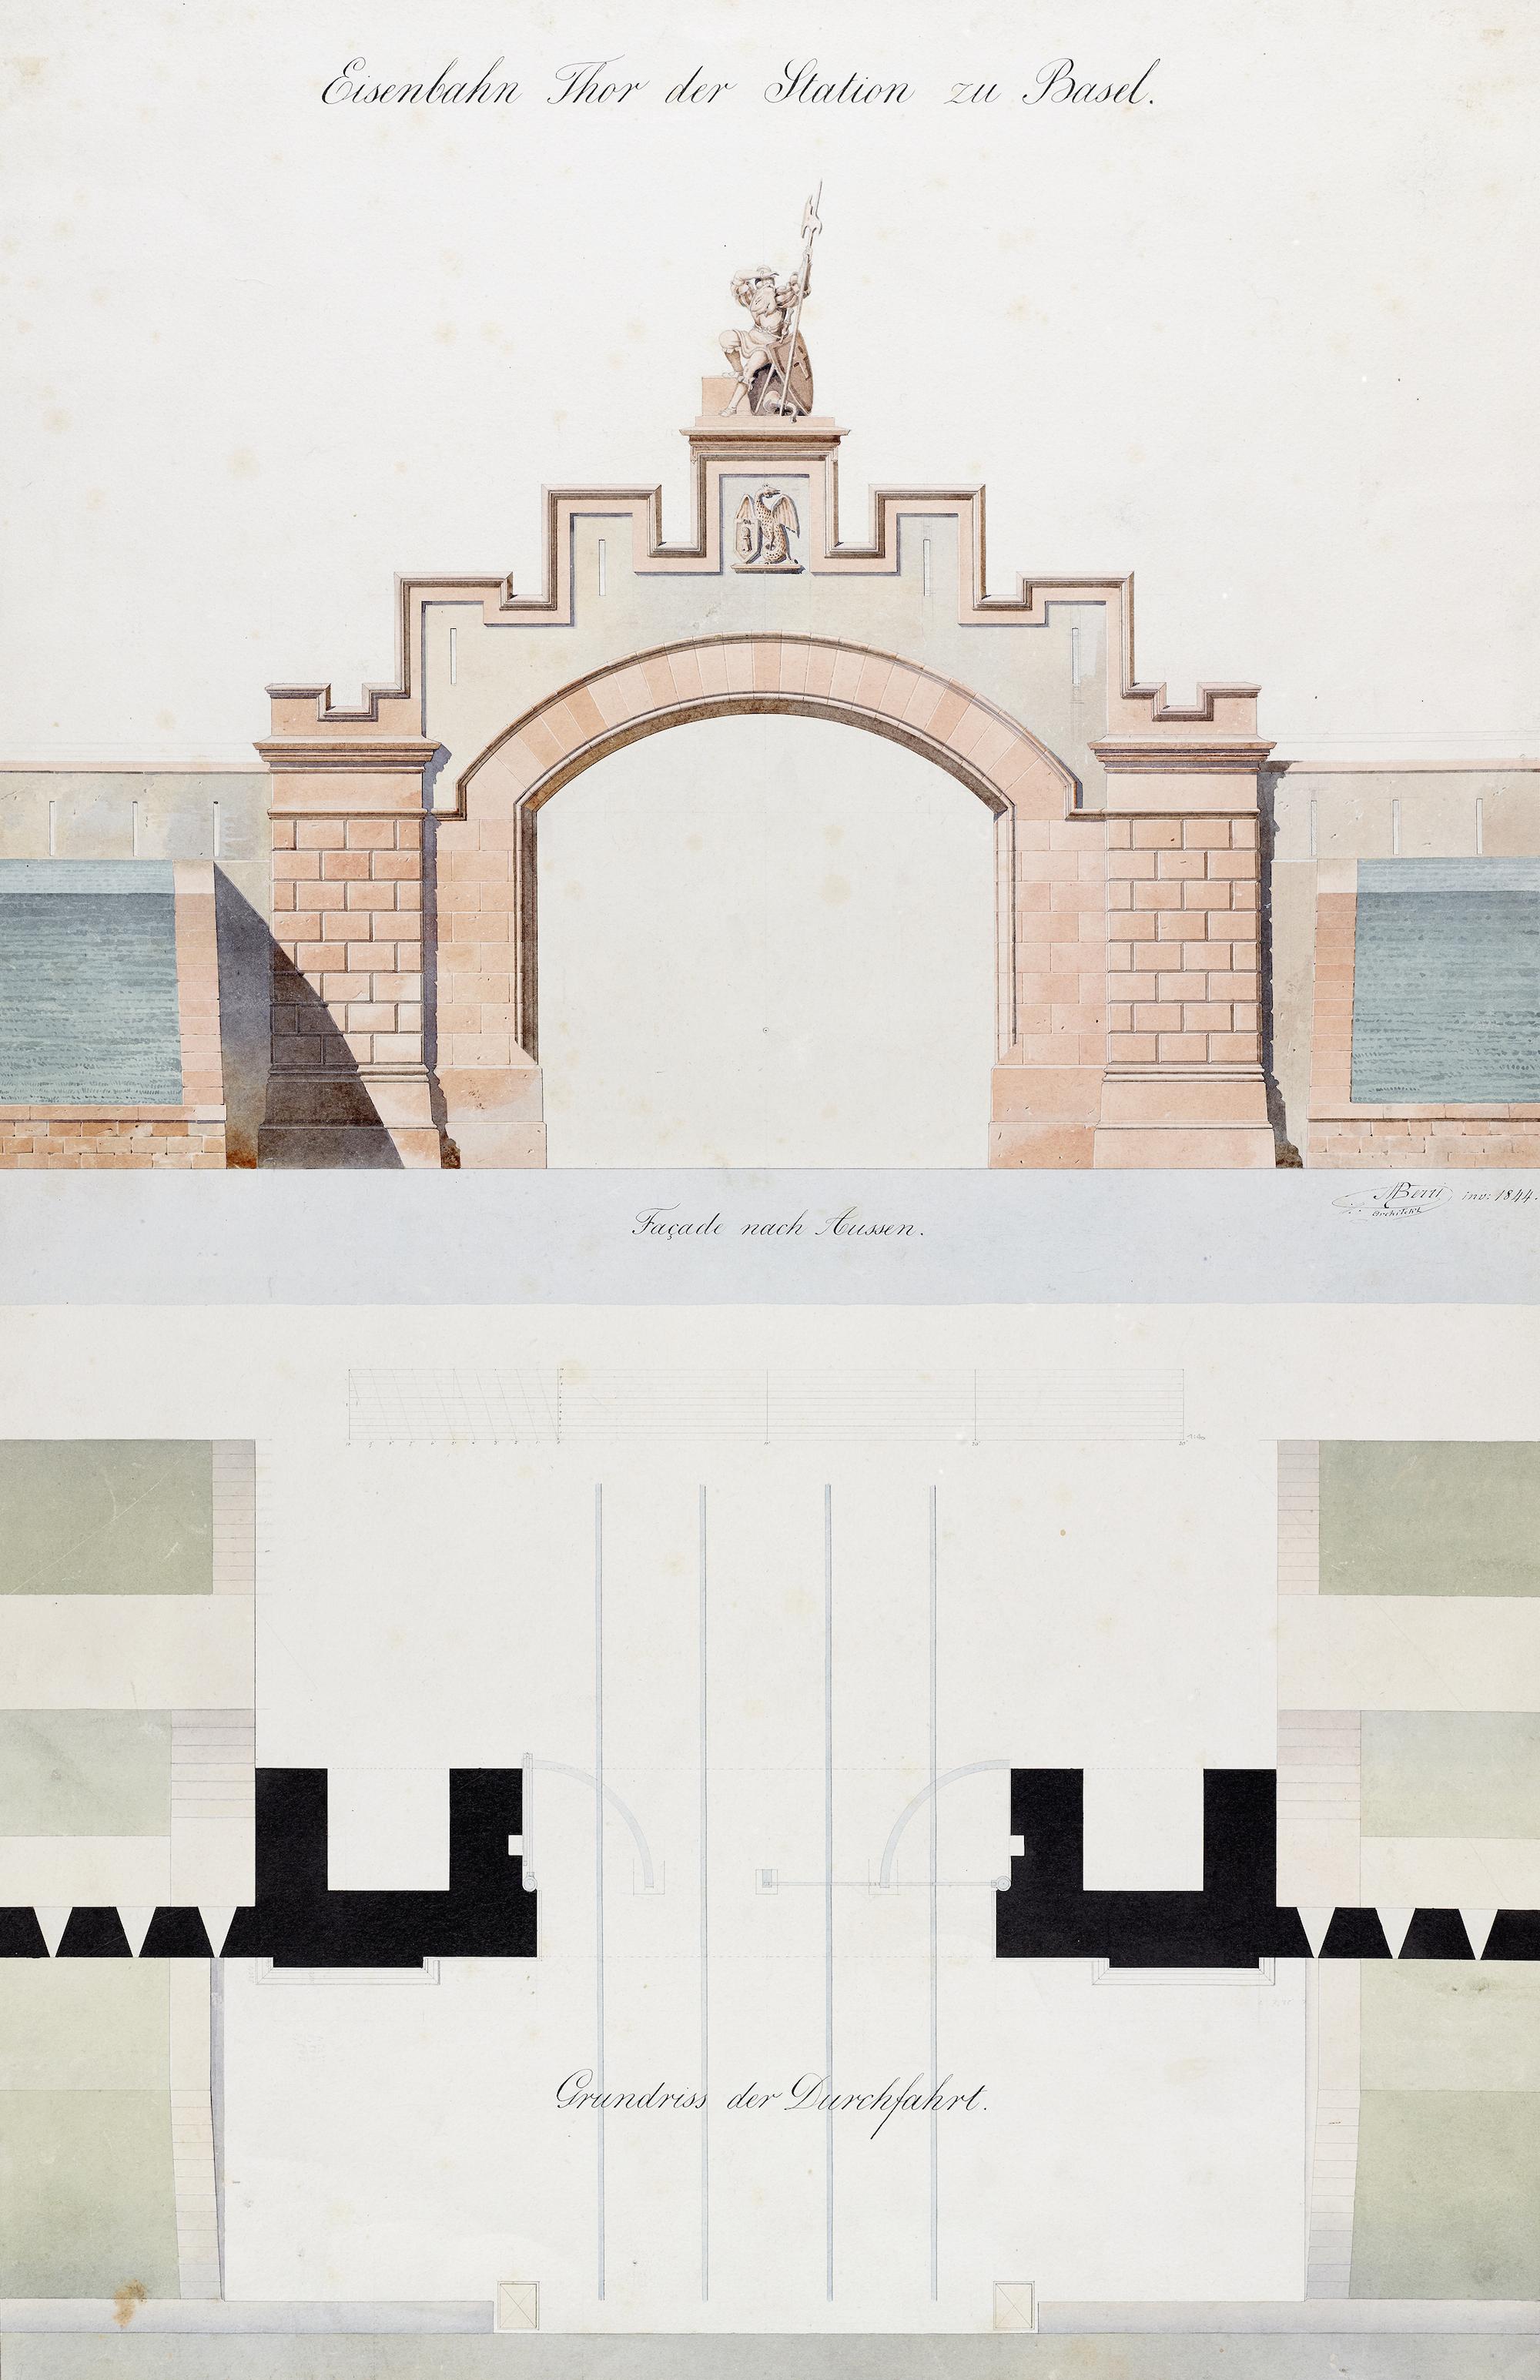 «Eisenbahn Thor der Station zu Basel» – Kolorierter Plan des Architekten Melchior Berr, 1844.